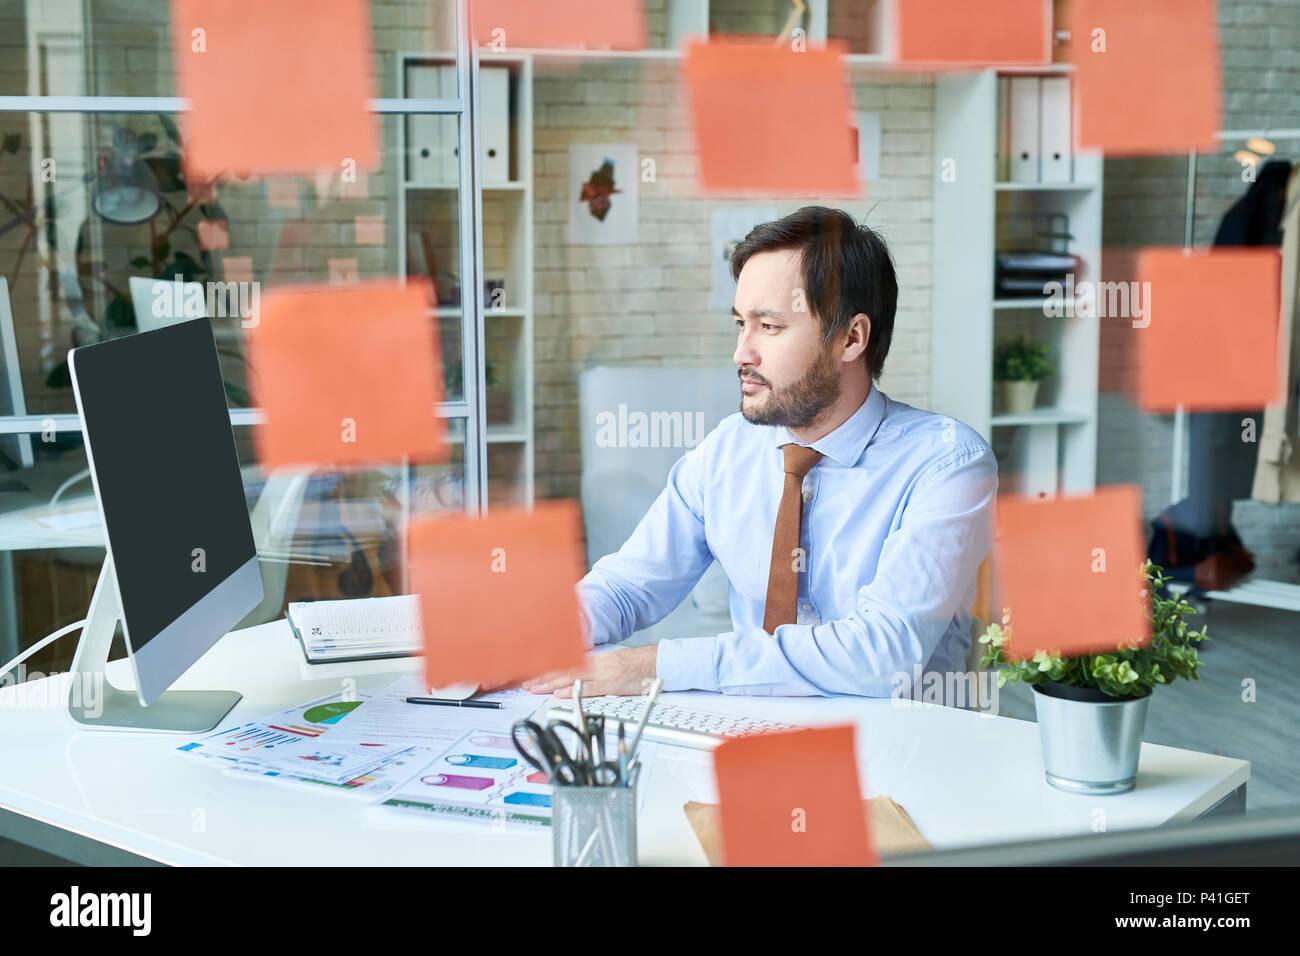 Hombre trabajando en la oficina detrás de vidrio Imagen De Stock